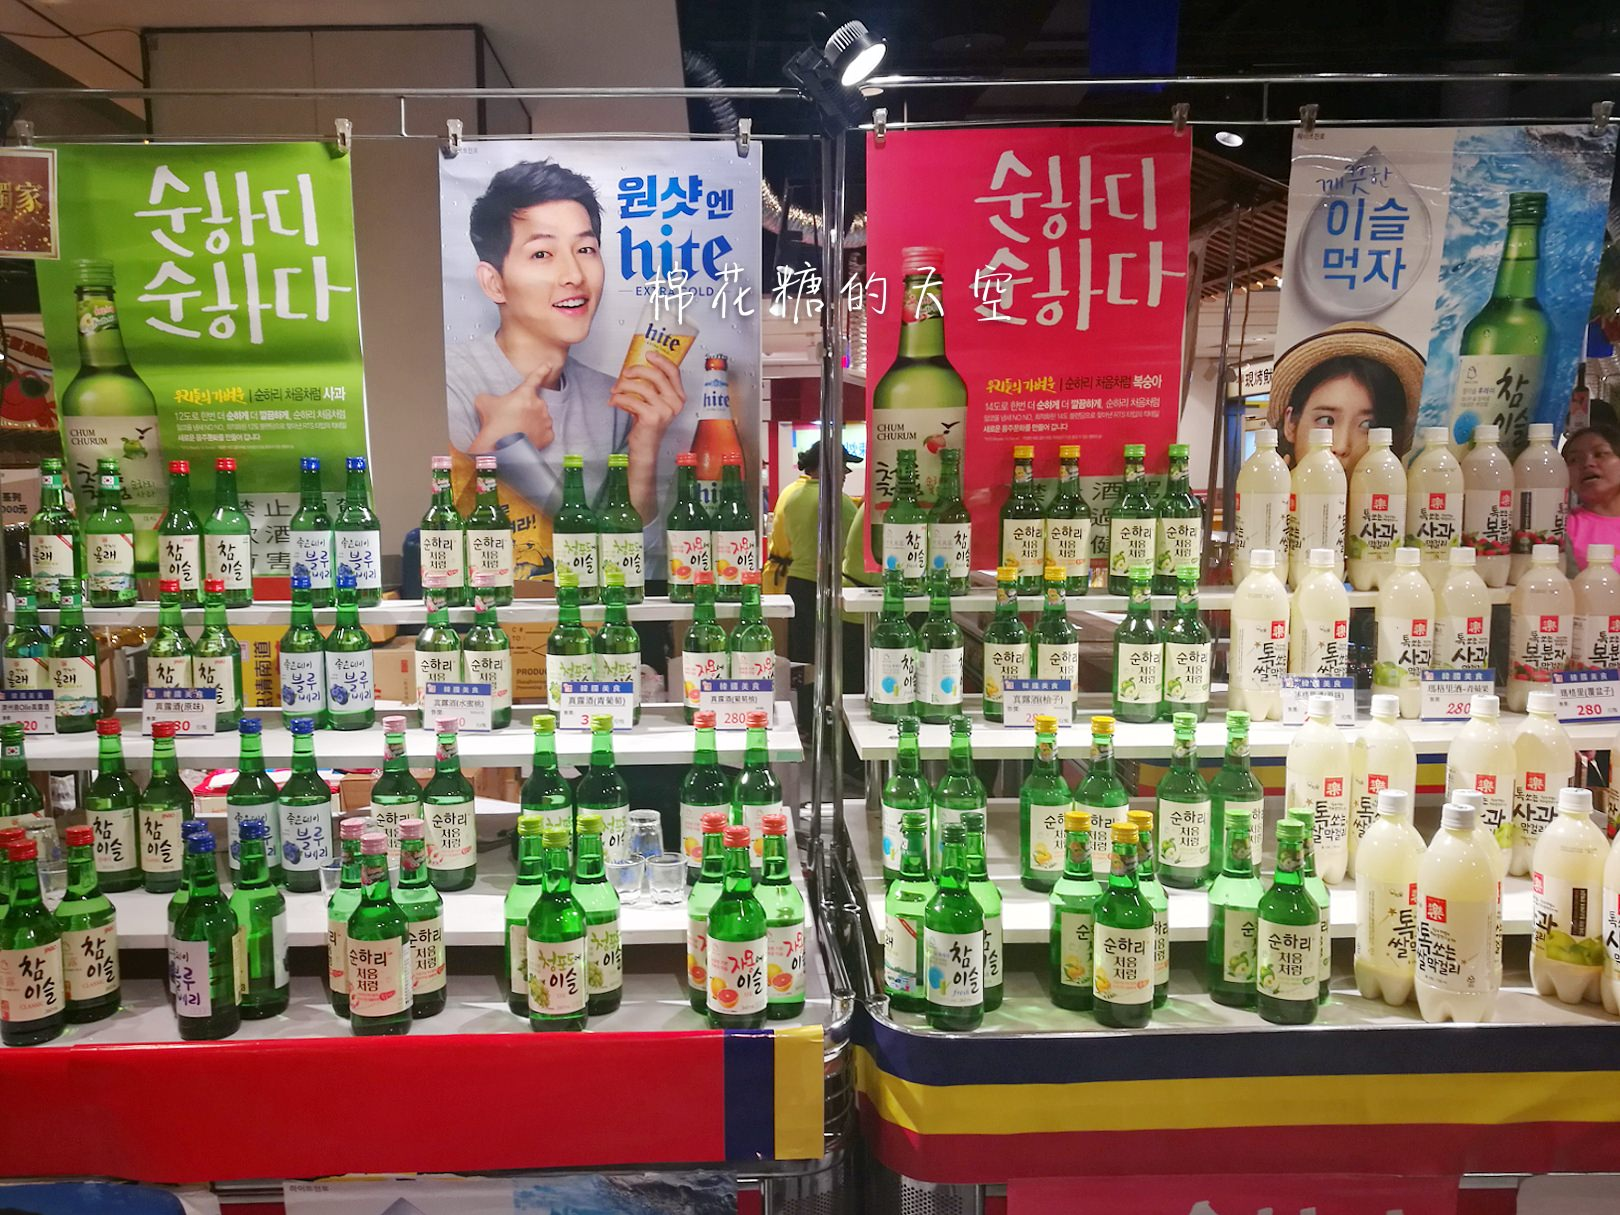 台中新光三越韓國商品展,韓服體驗消費滿額免費送!